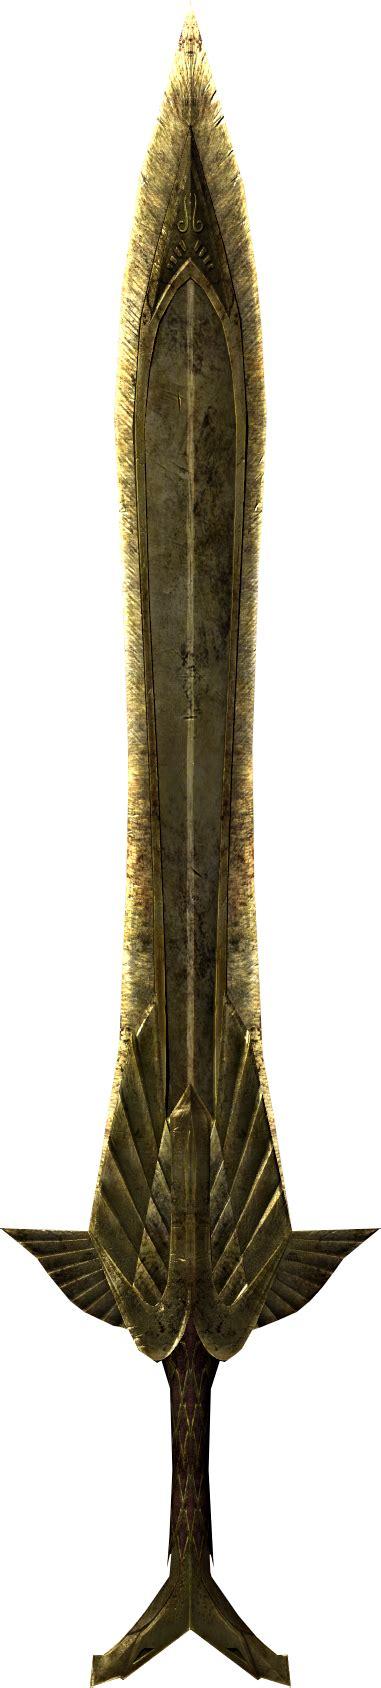 elven sword elder scrolls fandom powered by wikia